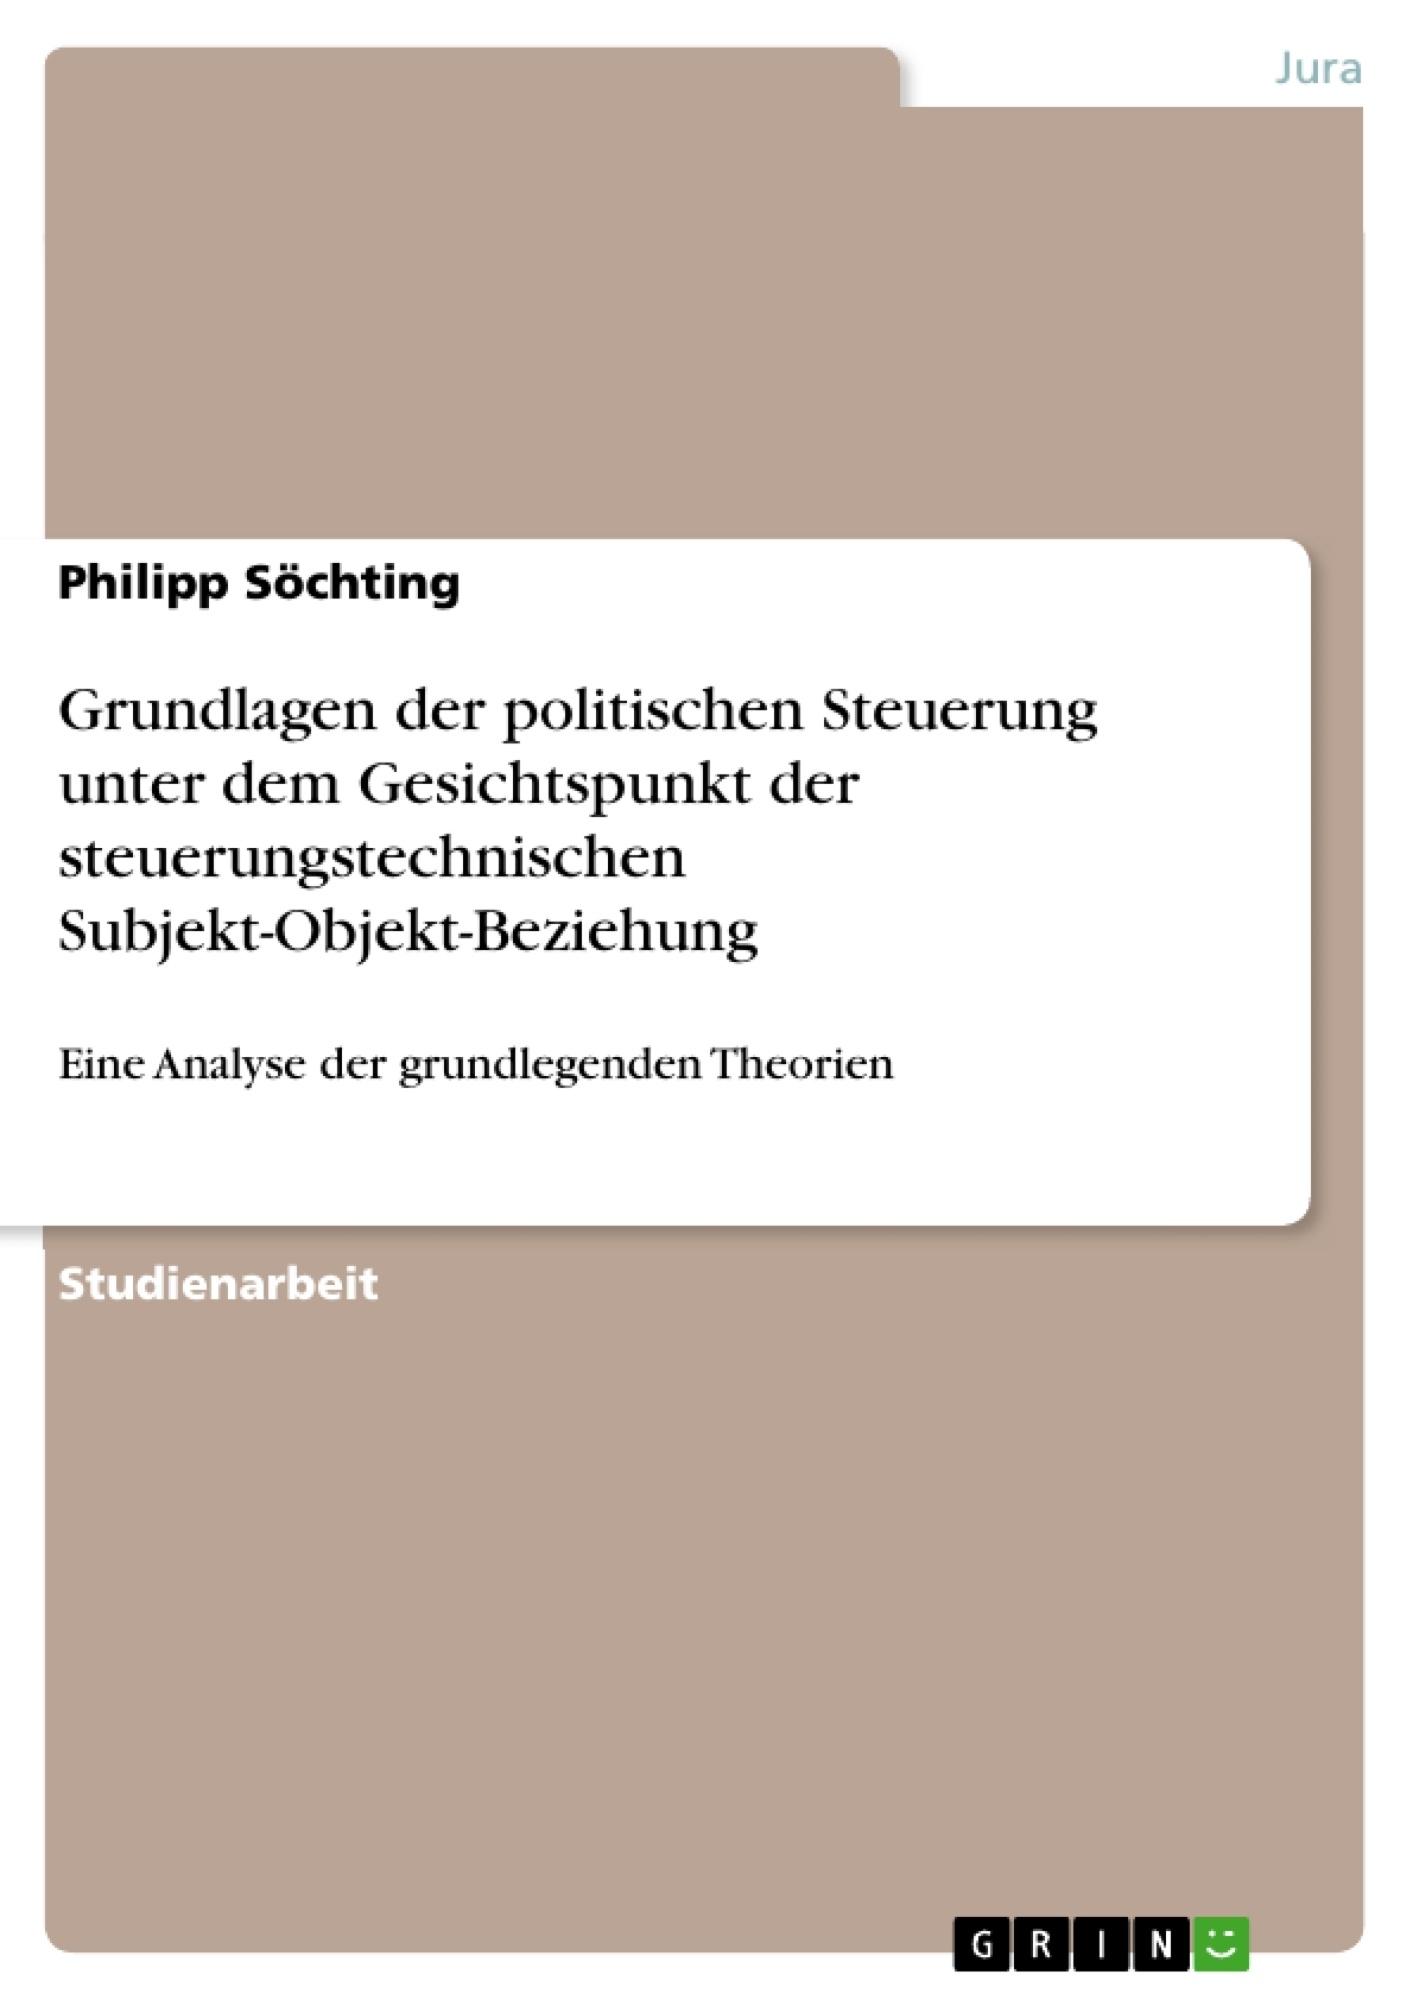 Titel: Grundlagen der politischen Steuerung unter dem Gesichtspunkt der steuerungstechnischen Subjekt-Objekt-Beziehung